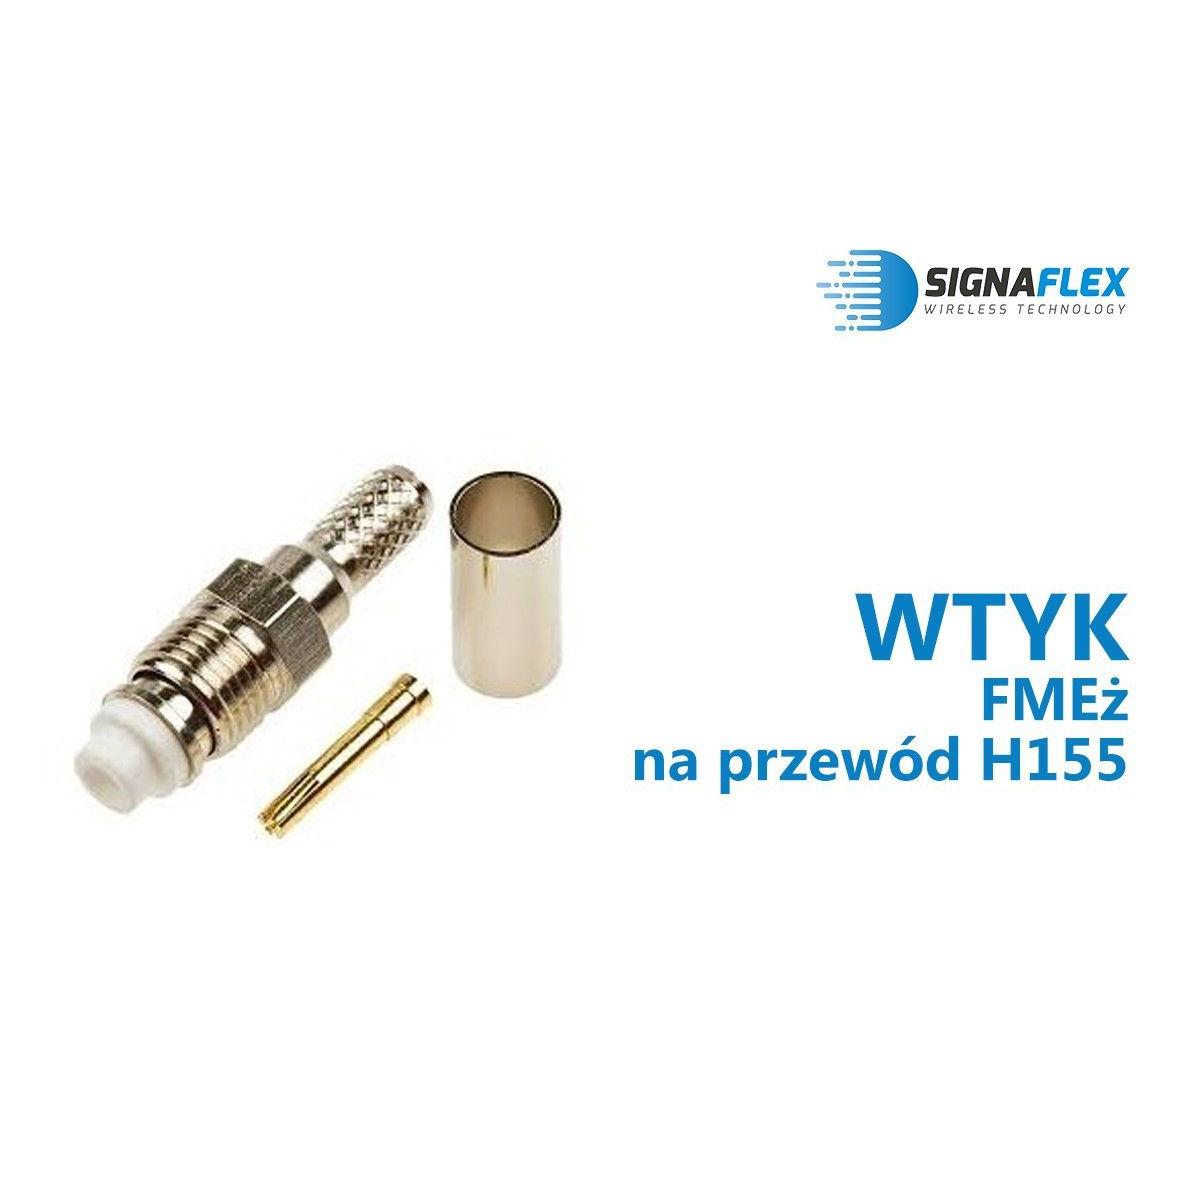 Wtyk FMEż na przewód EKH155/SRF240